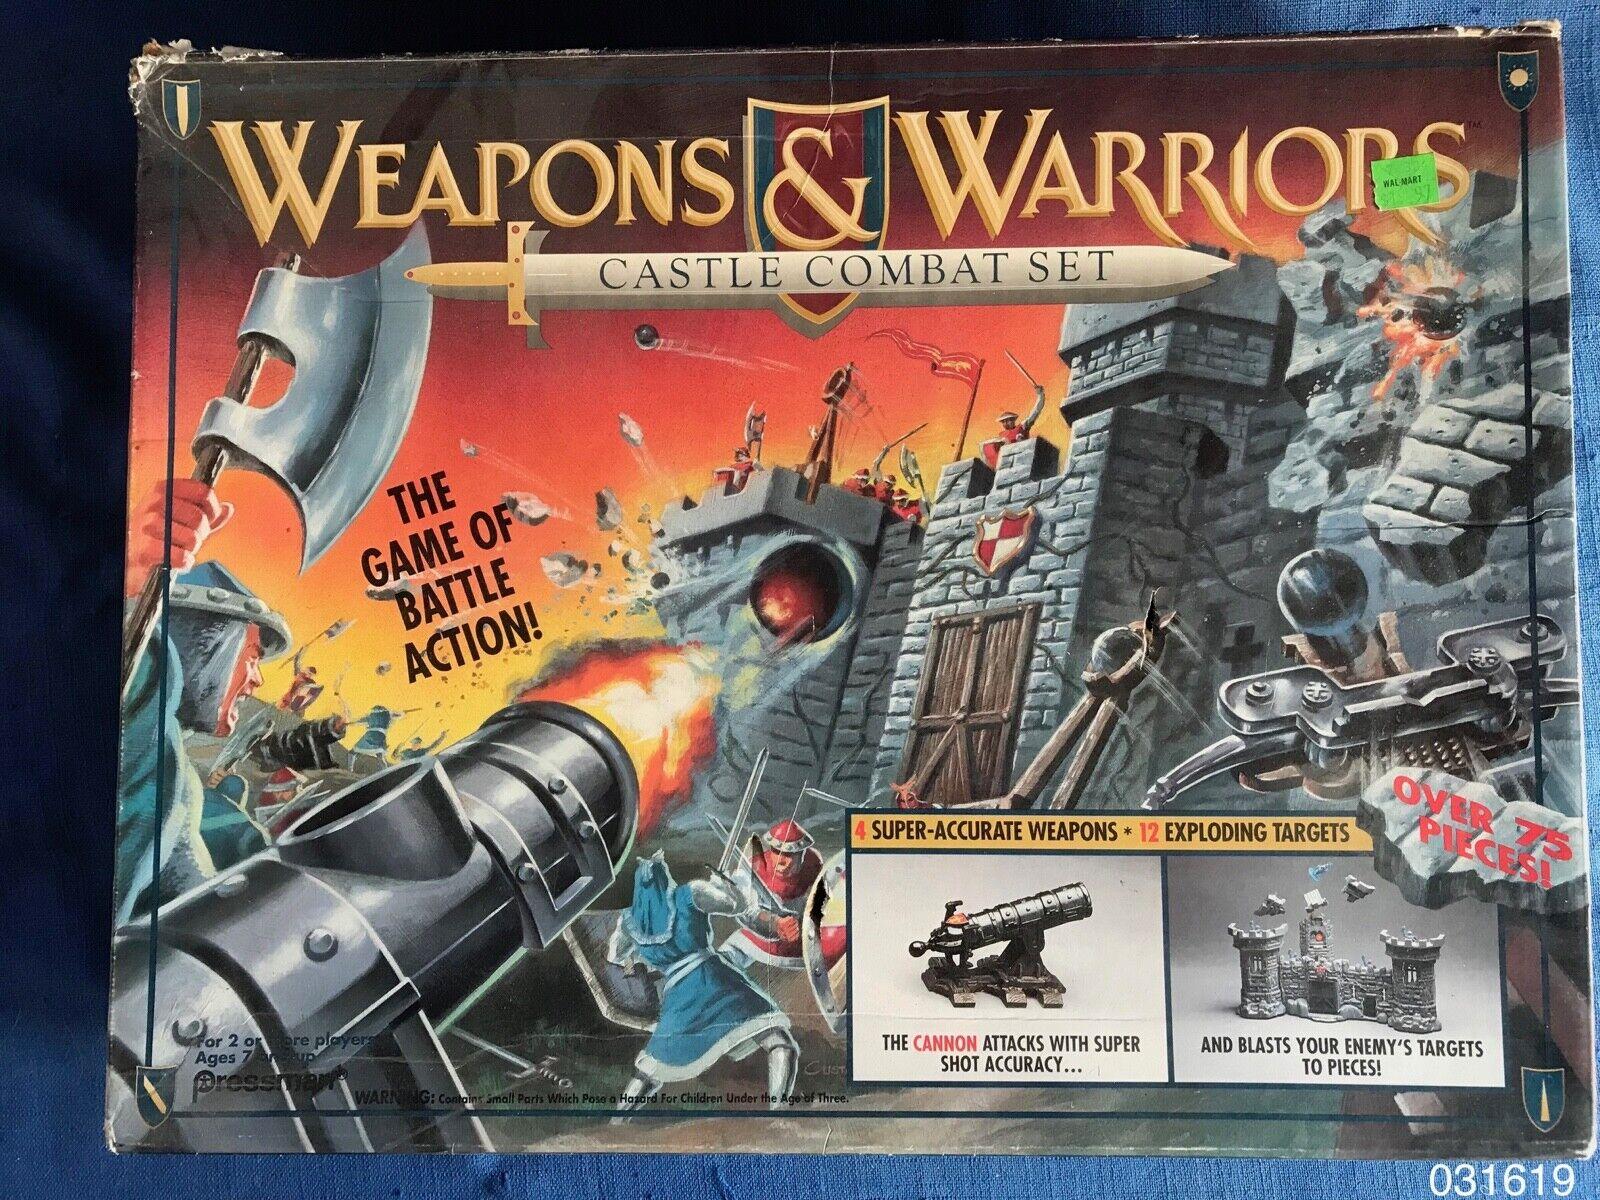 Vintage 1990s armas y guerreros Castillo de combate juego juego Pressman 1994 cm Sin Reserva